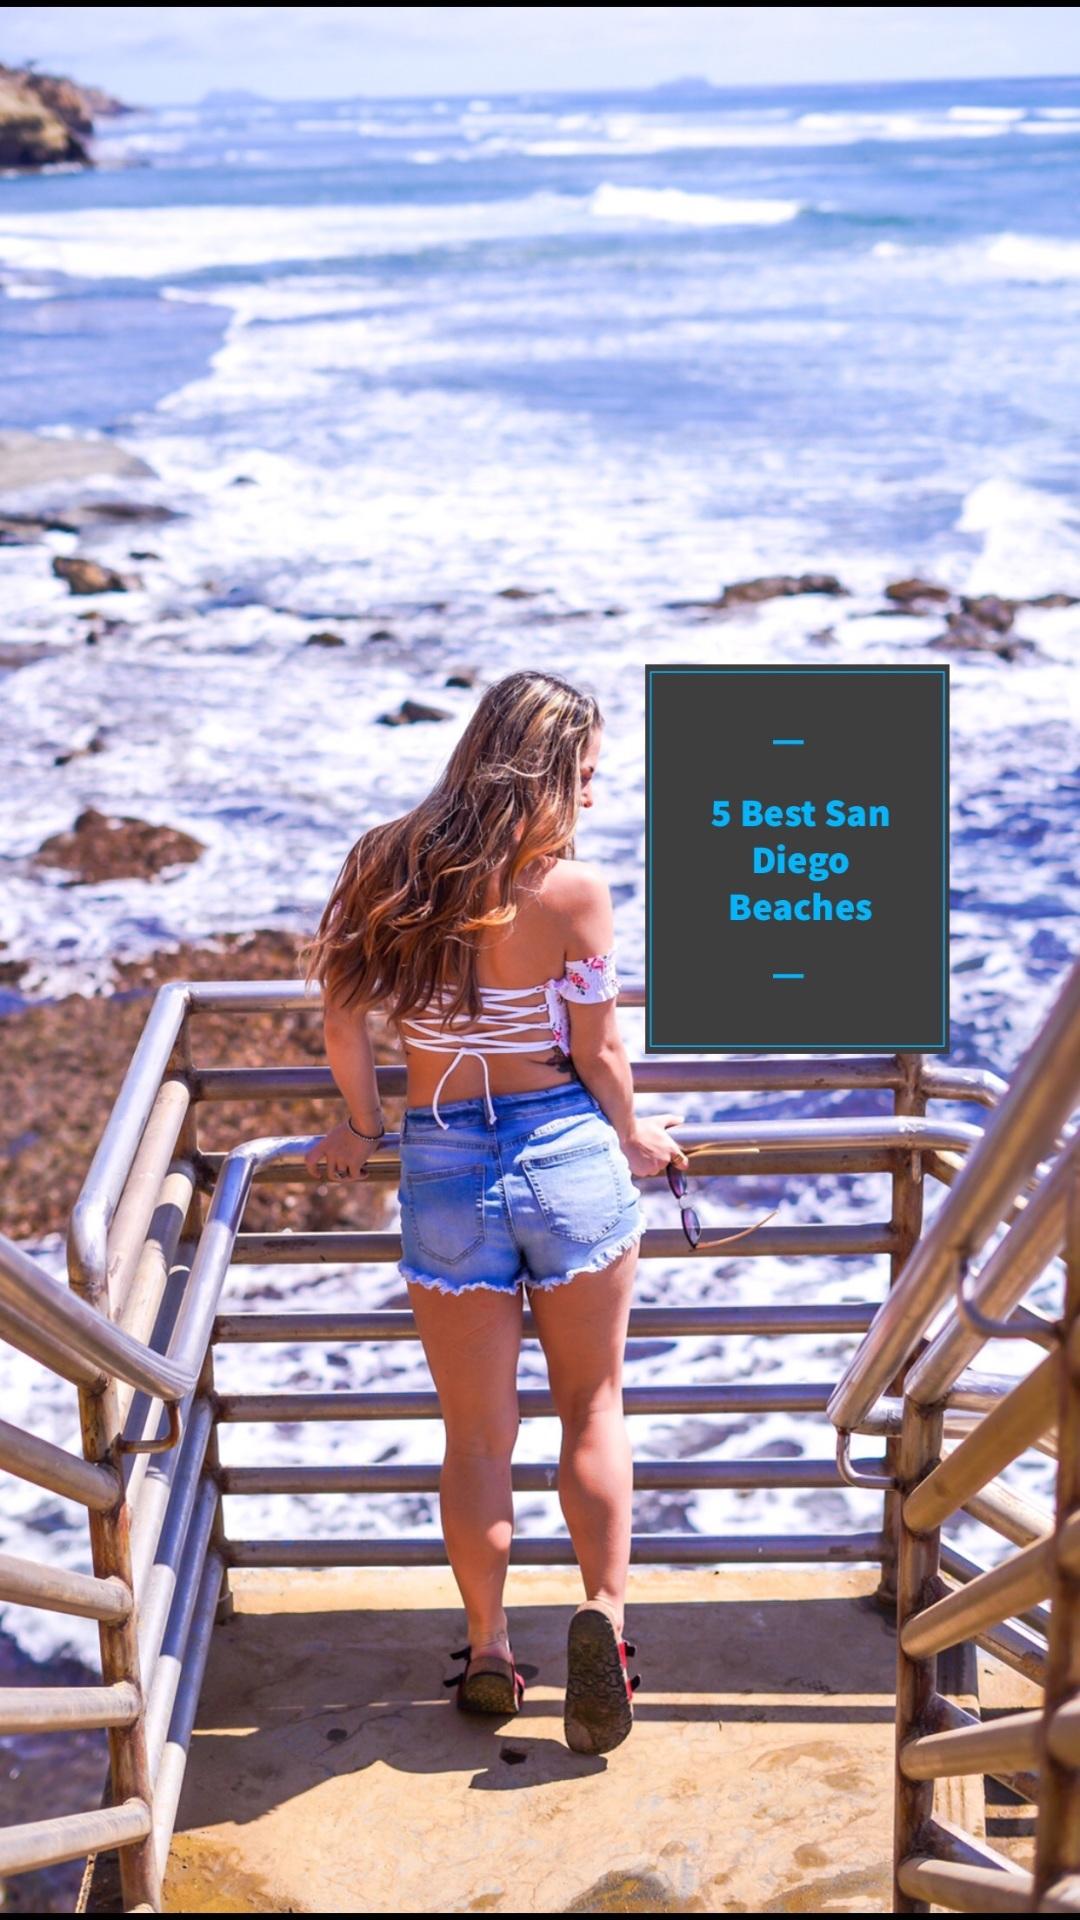 5 Best San Diego Beaches